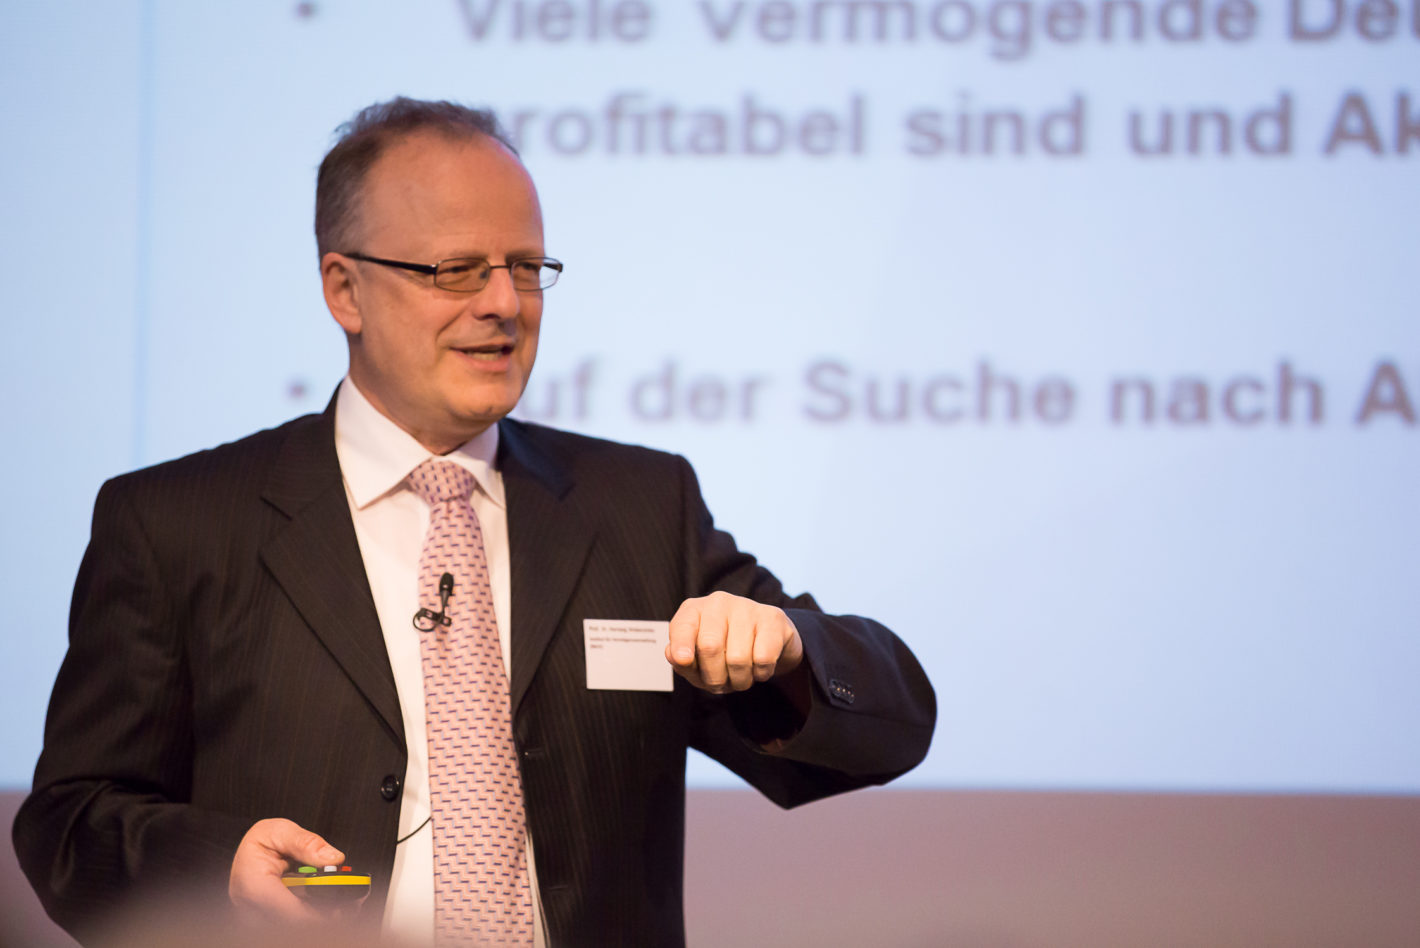 Hartwig Webersinke